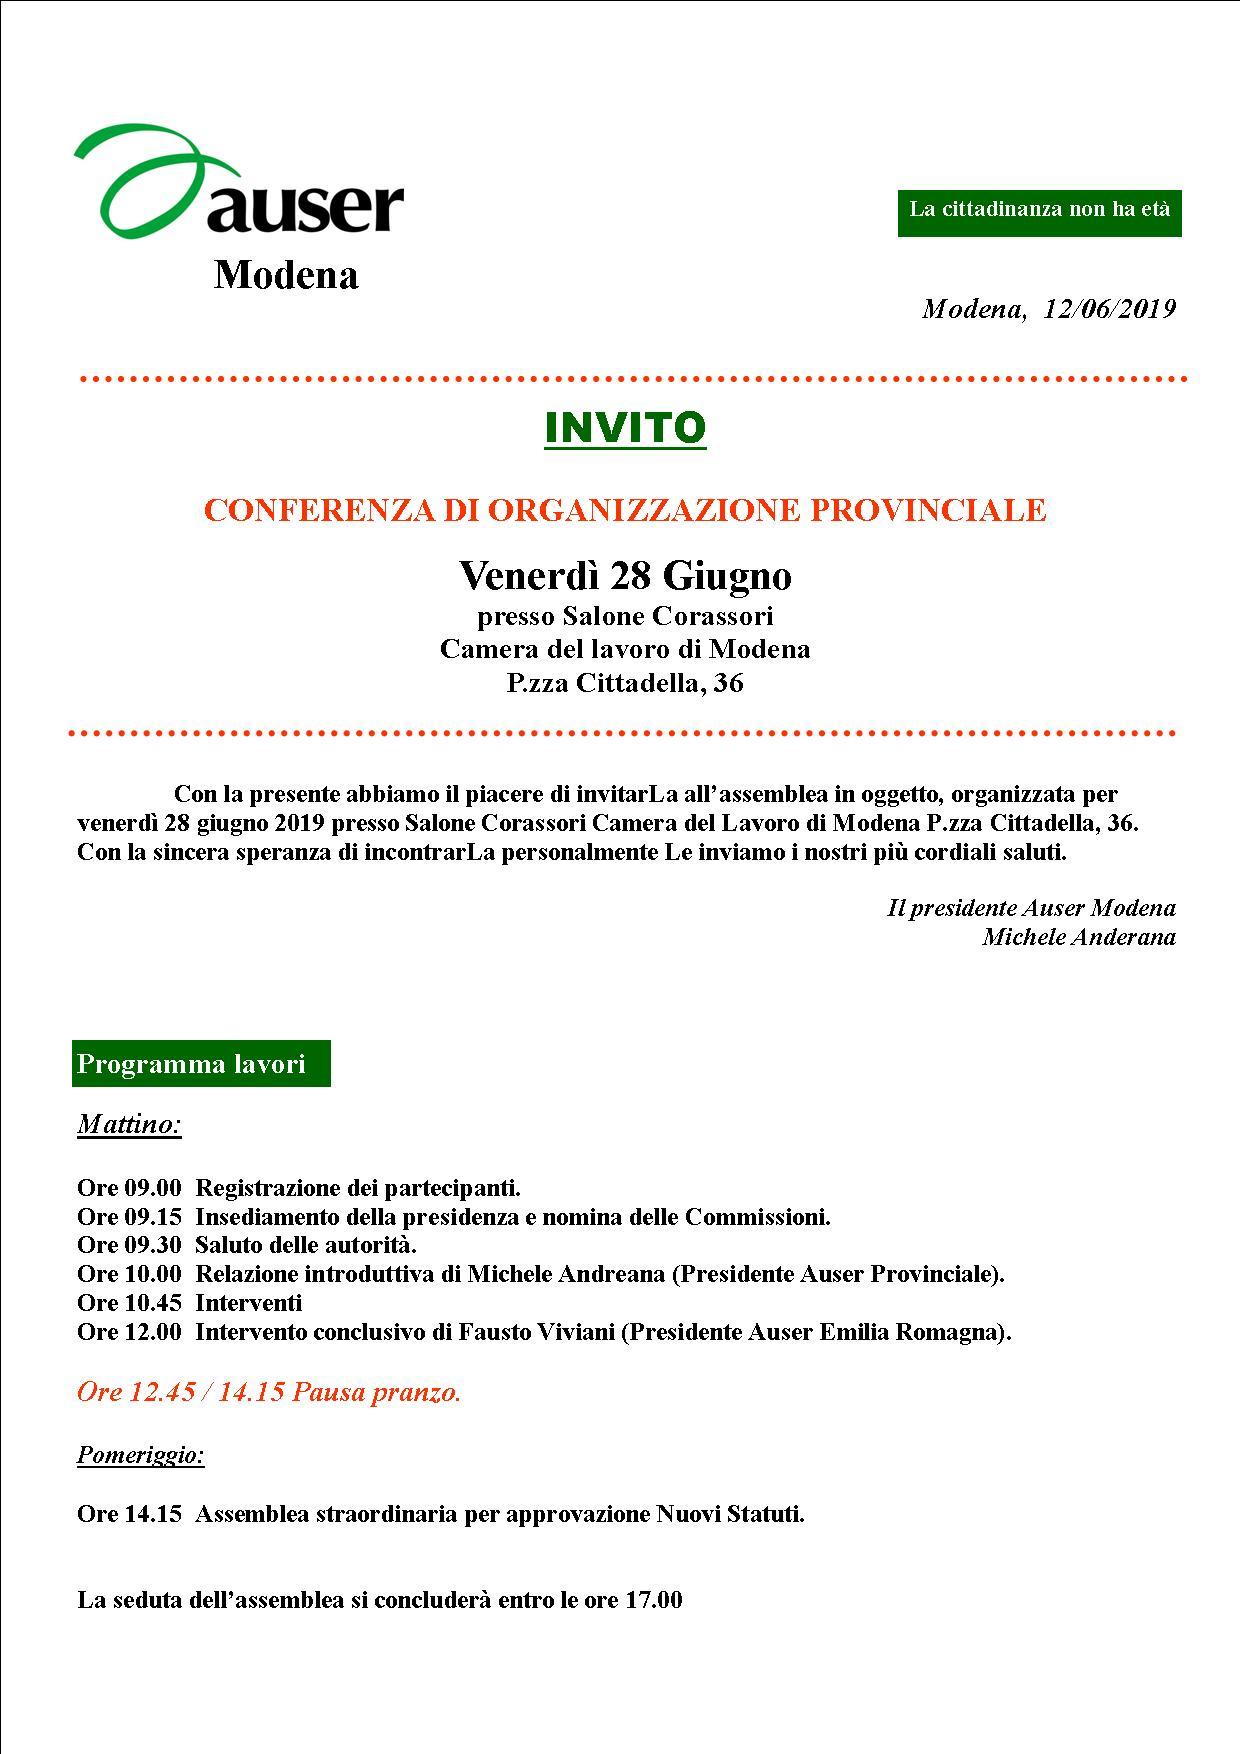 auser conferenza organizzazione 28.6.19